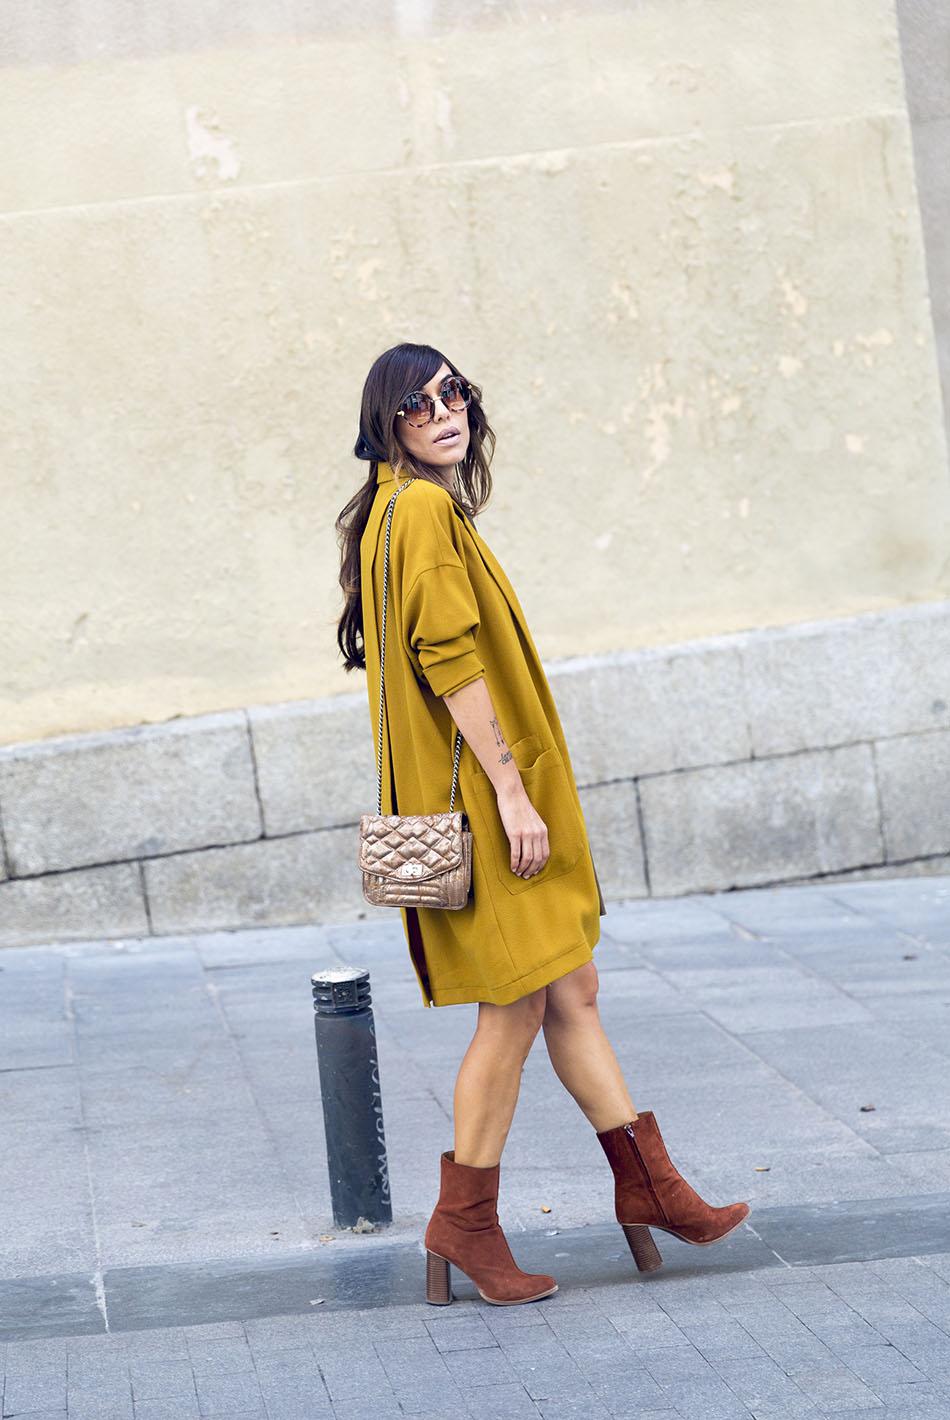 look de street stye con levita de color mostaza y vestido de ante marrón de hakei, y botines de ante color caramelo y bolsito acolchado dorado de Hakei